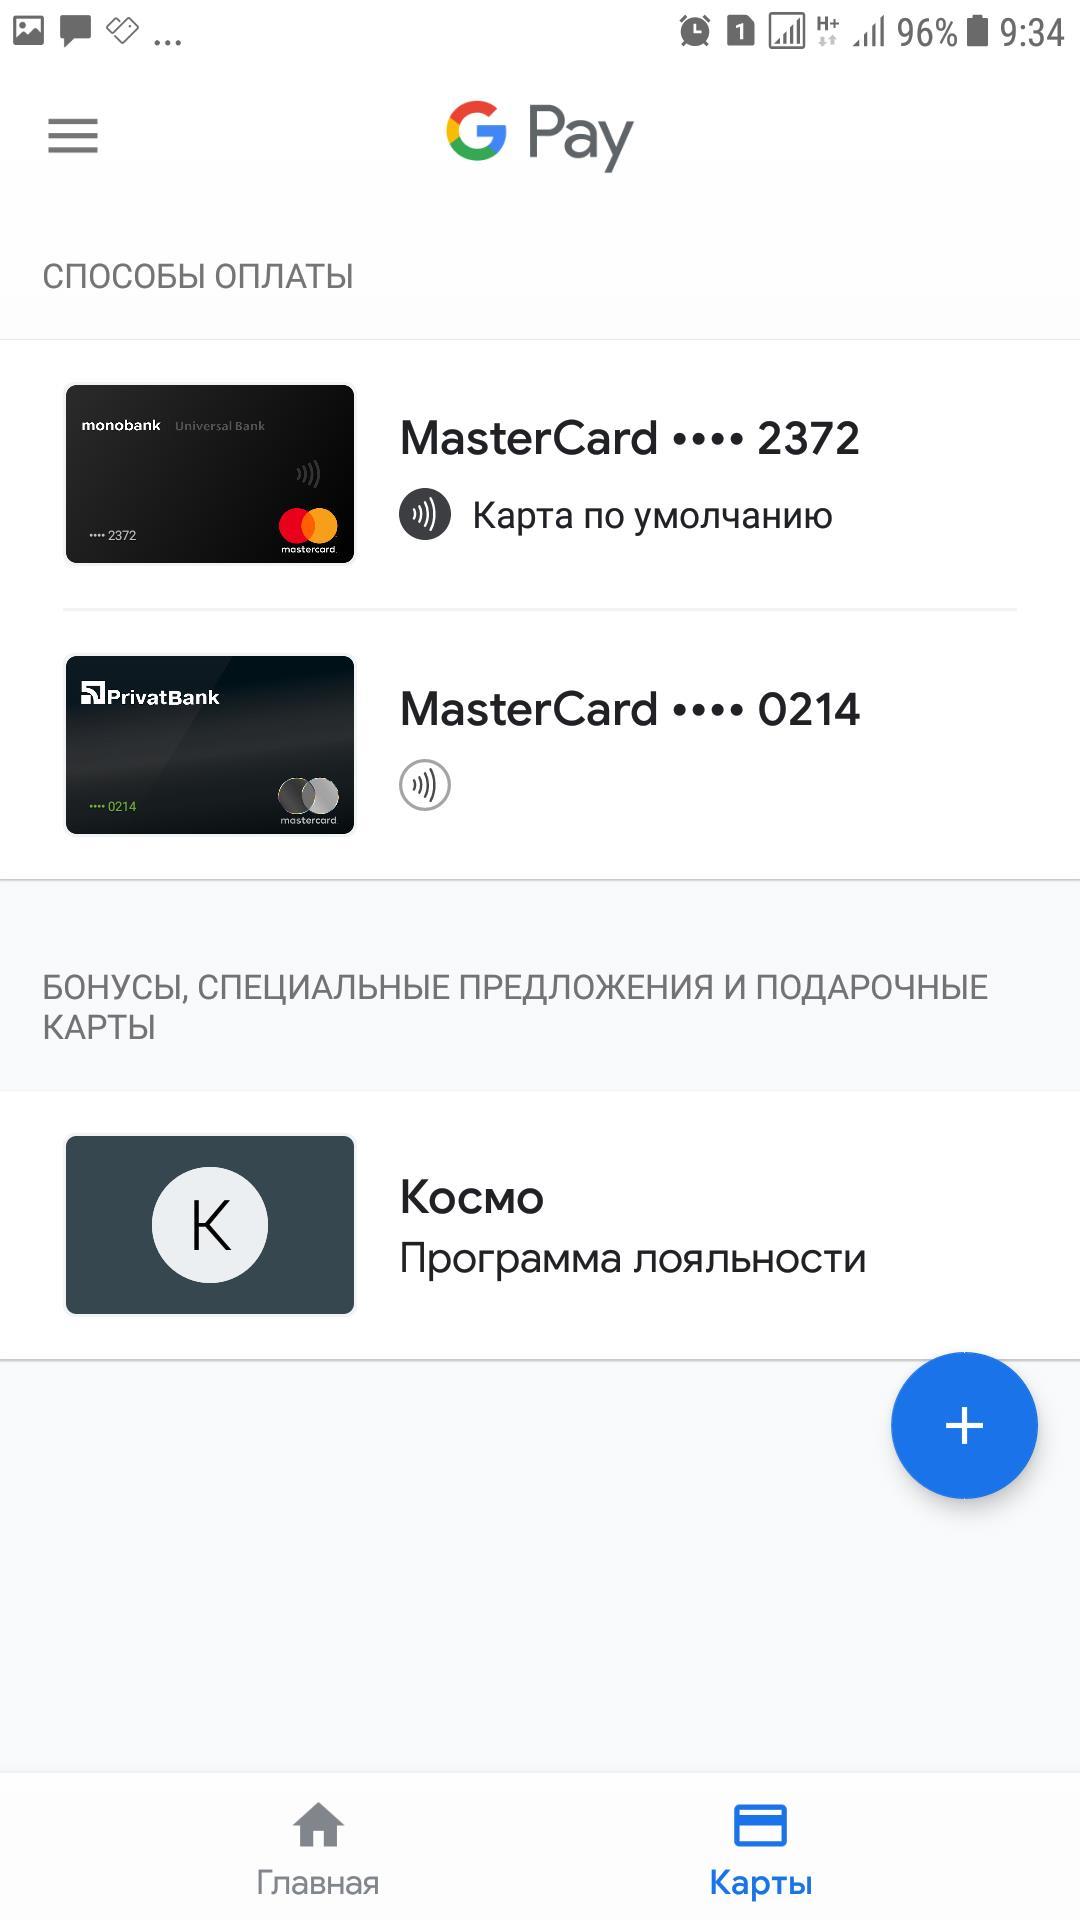 Kartu Monobank Mozhno Dobavit V Google Pay